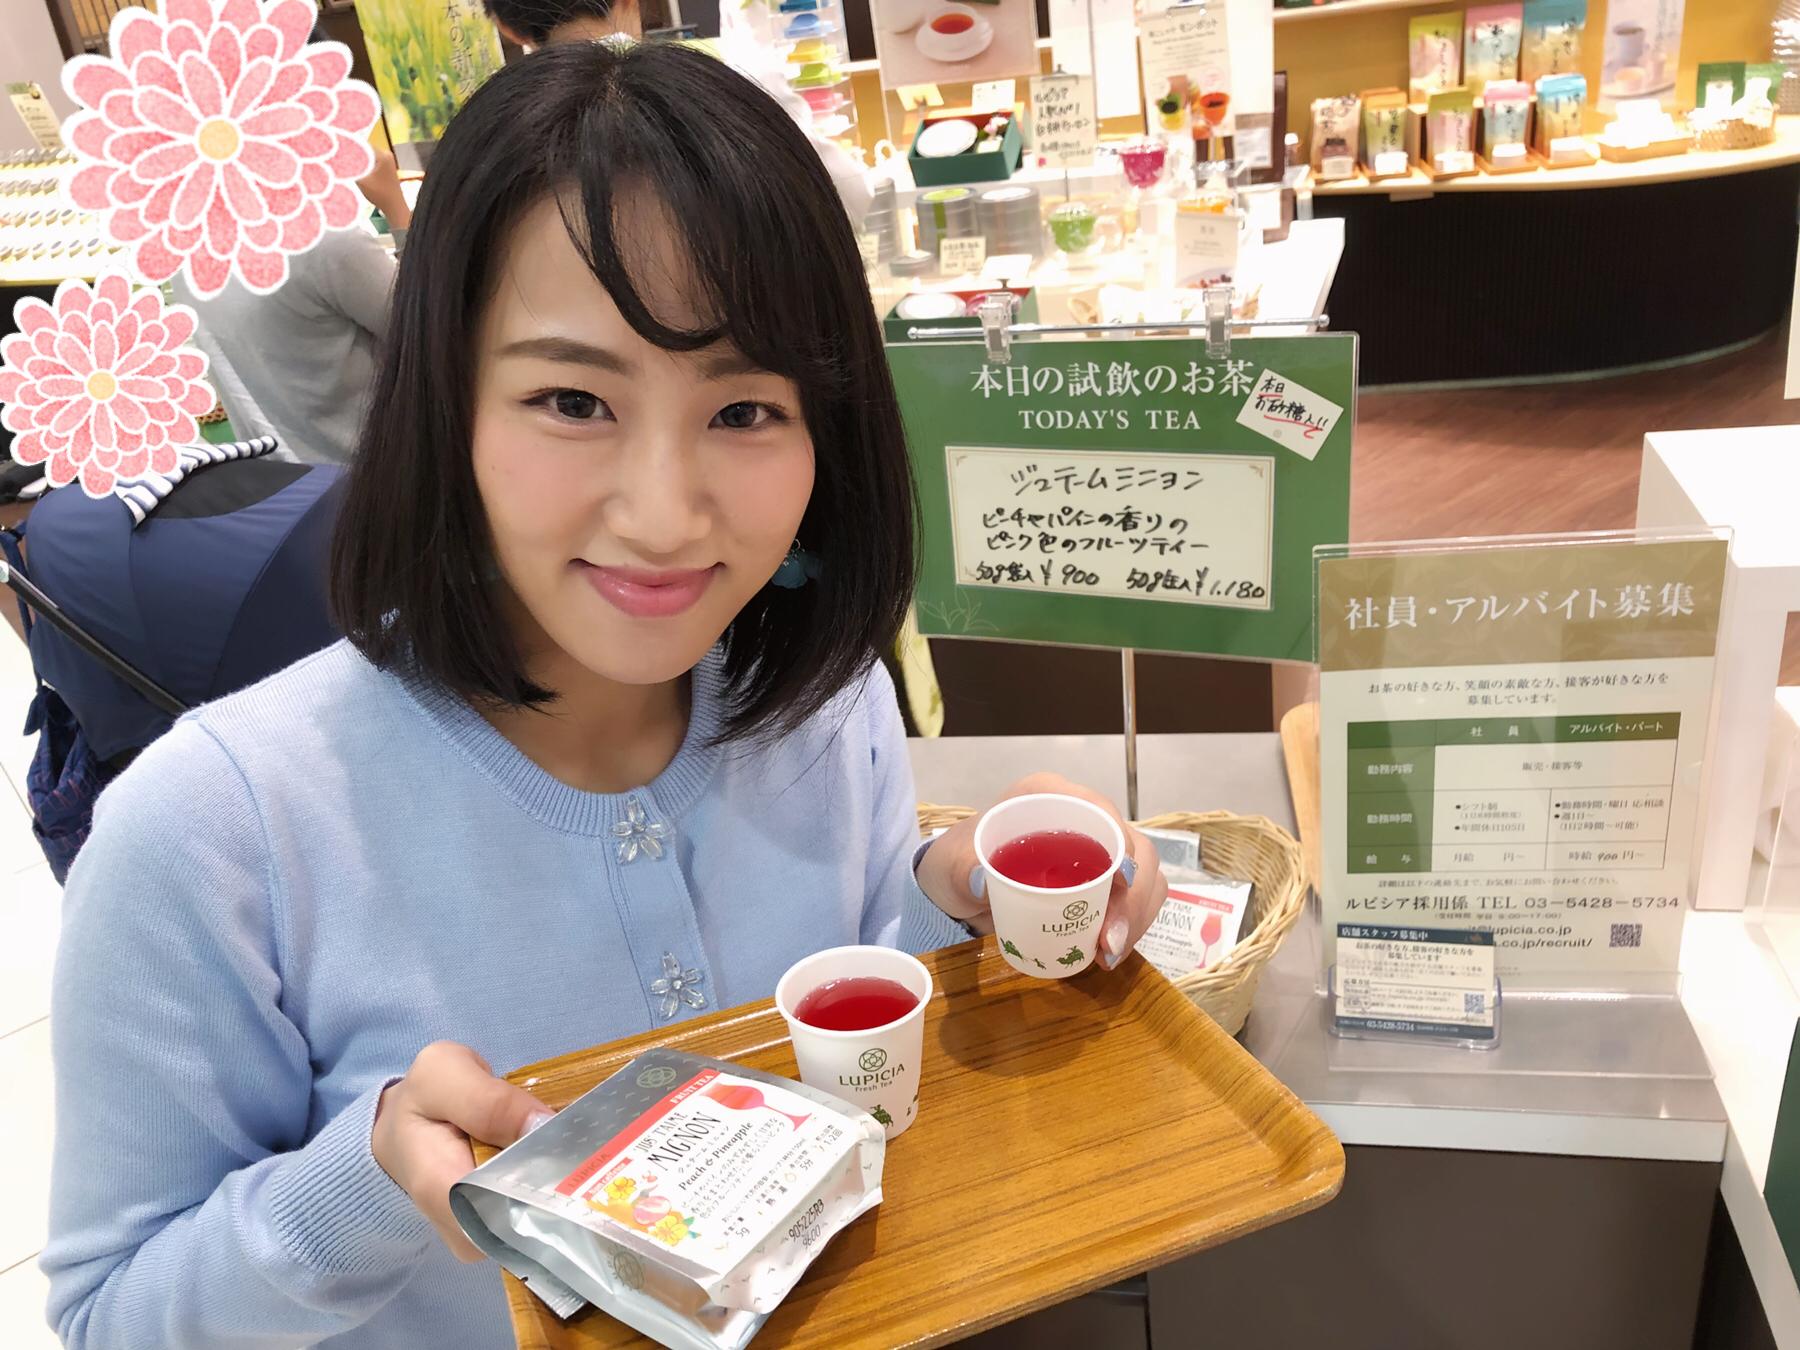 https://emifull.jp/emifulls_blog/11th/uploads/FC0E27E1-63E0-44D9-AB7E-F74937EB4CEC.png